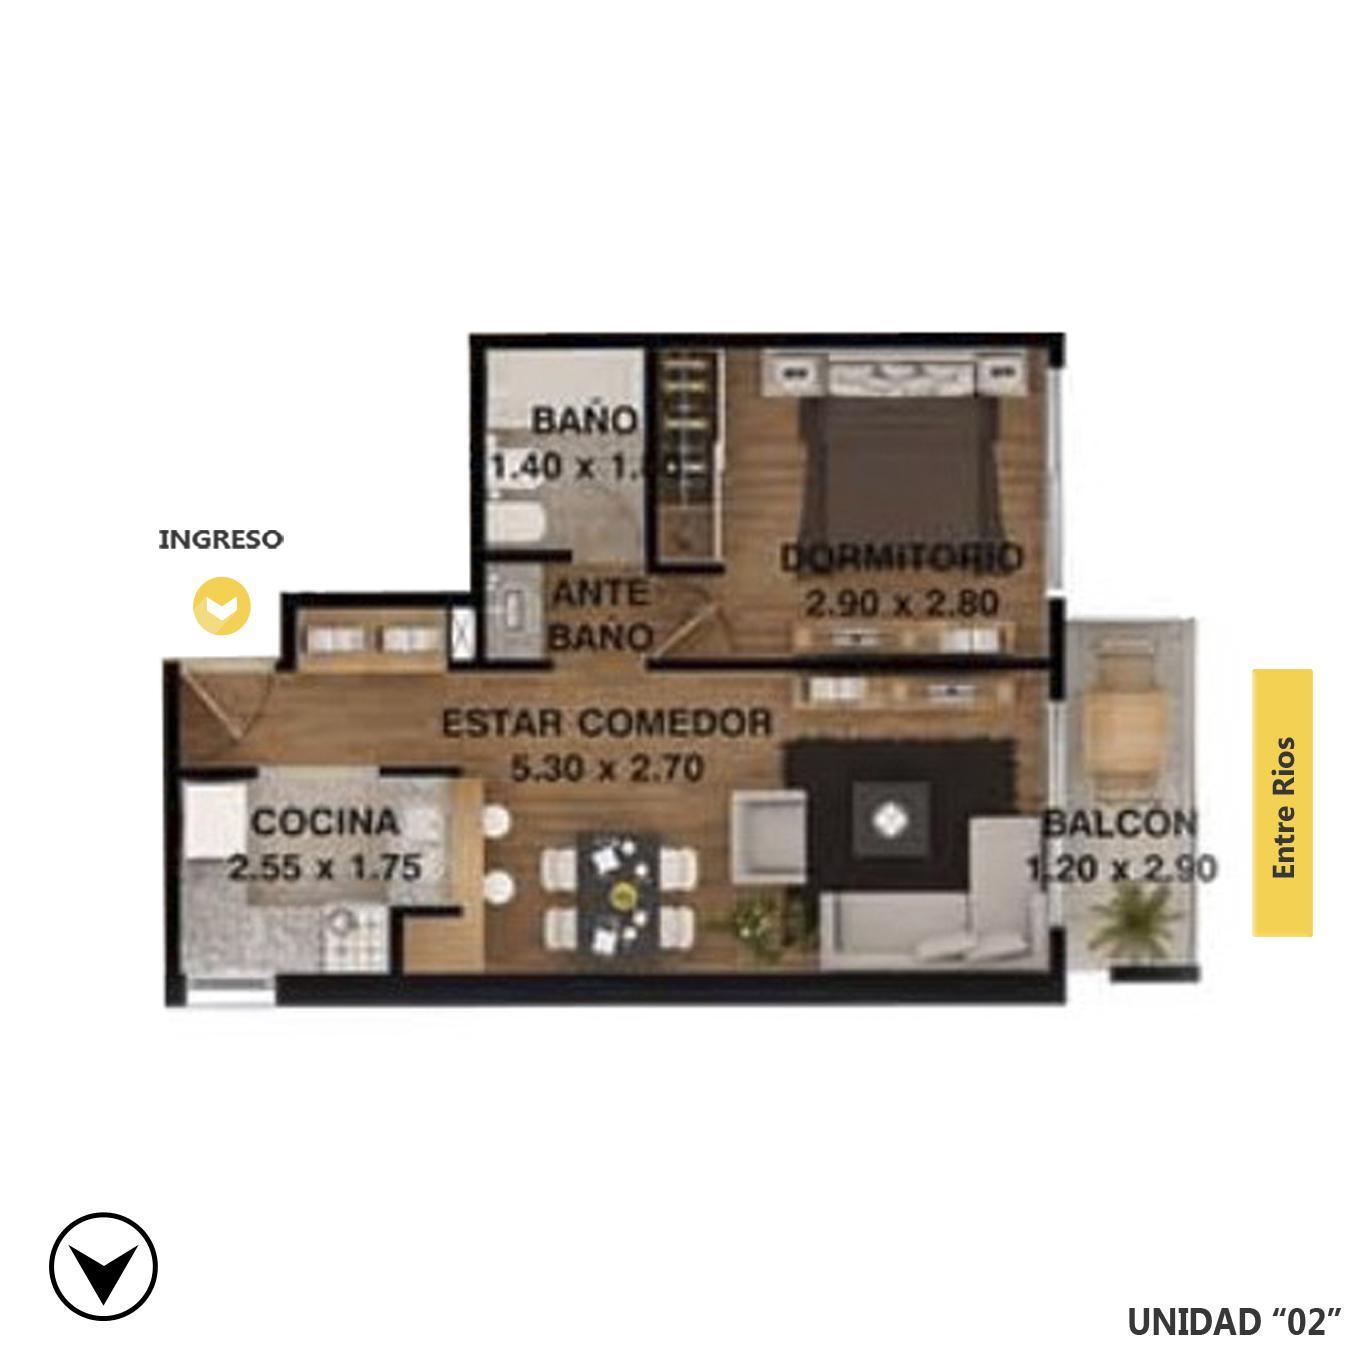 Venta departamento 1 dormitorio Rosario, . Cod CBU7707 AP2209208. Crestale Propiedades